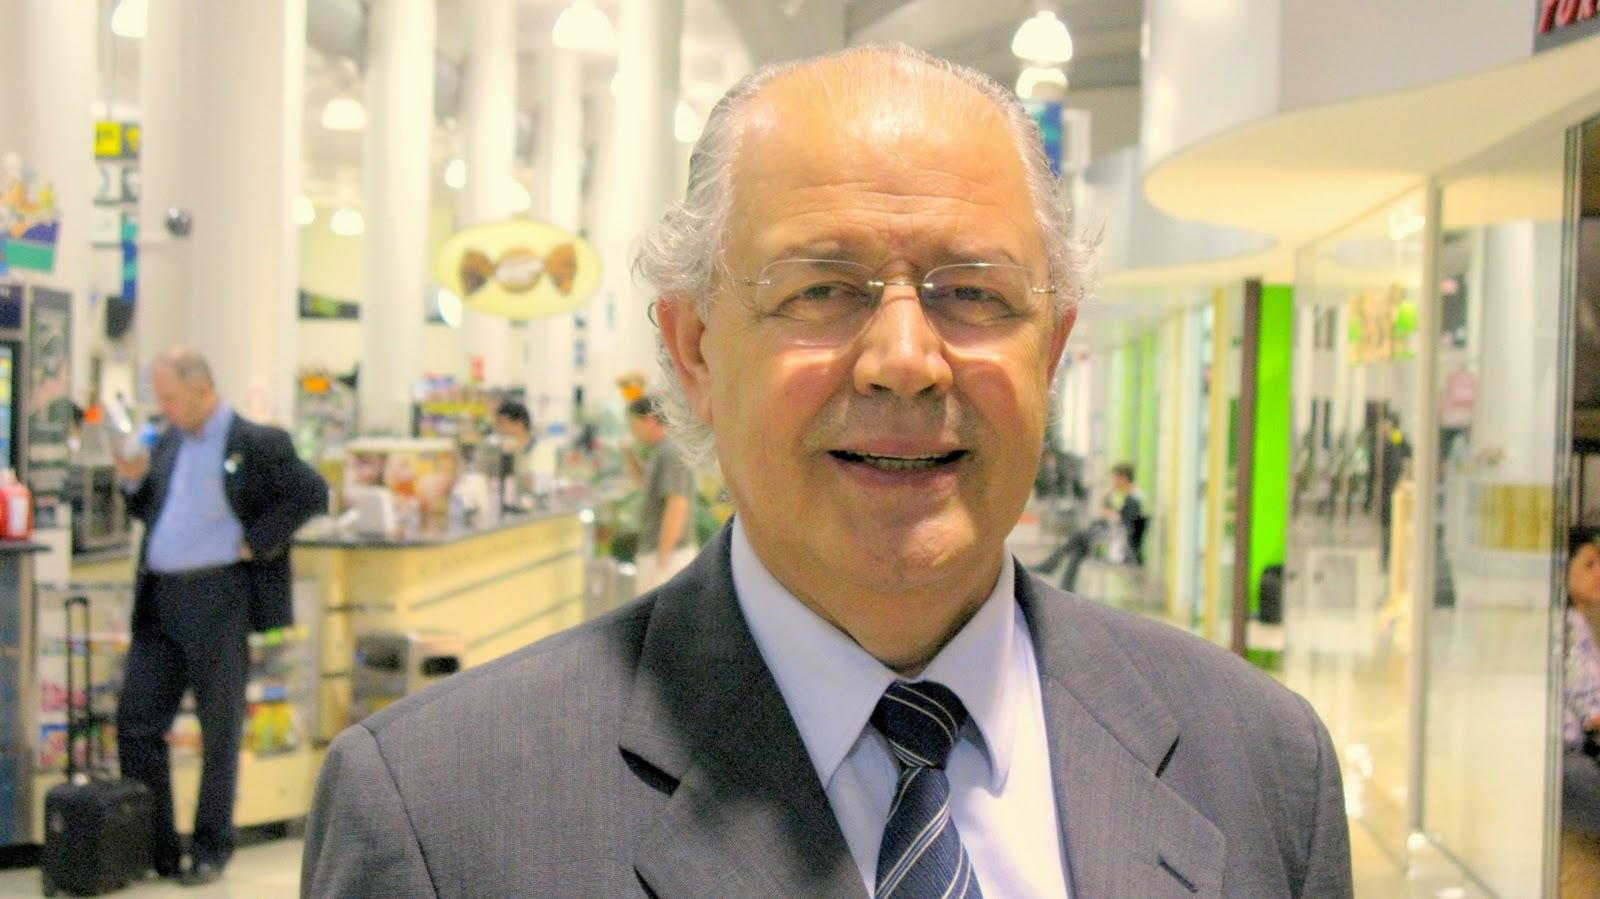 Secretário da Fazenda, Luiz Carlos Hauly, que ministrará palestra sobre os desafios da área econômica no Paraná